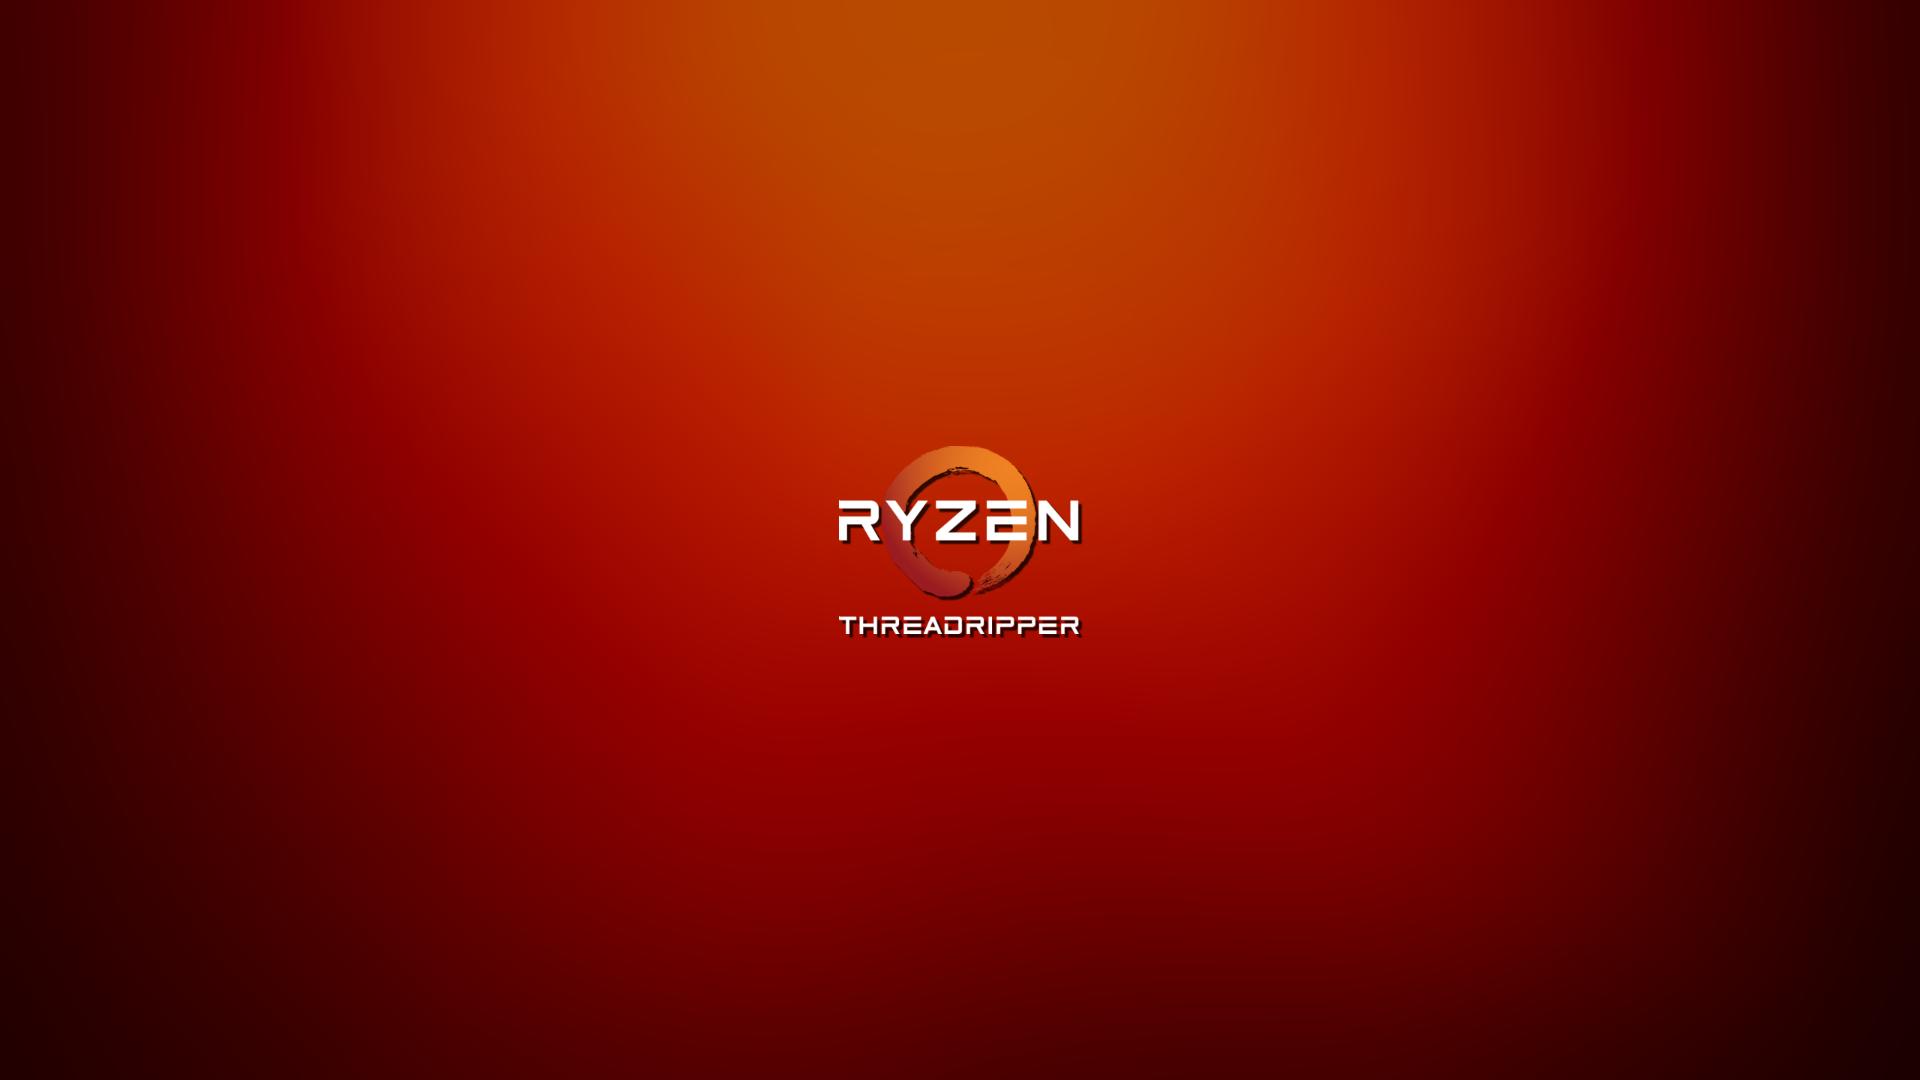 Ryzen Threadripper By Gamerenthusiast On Deviantart